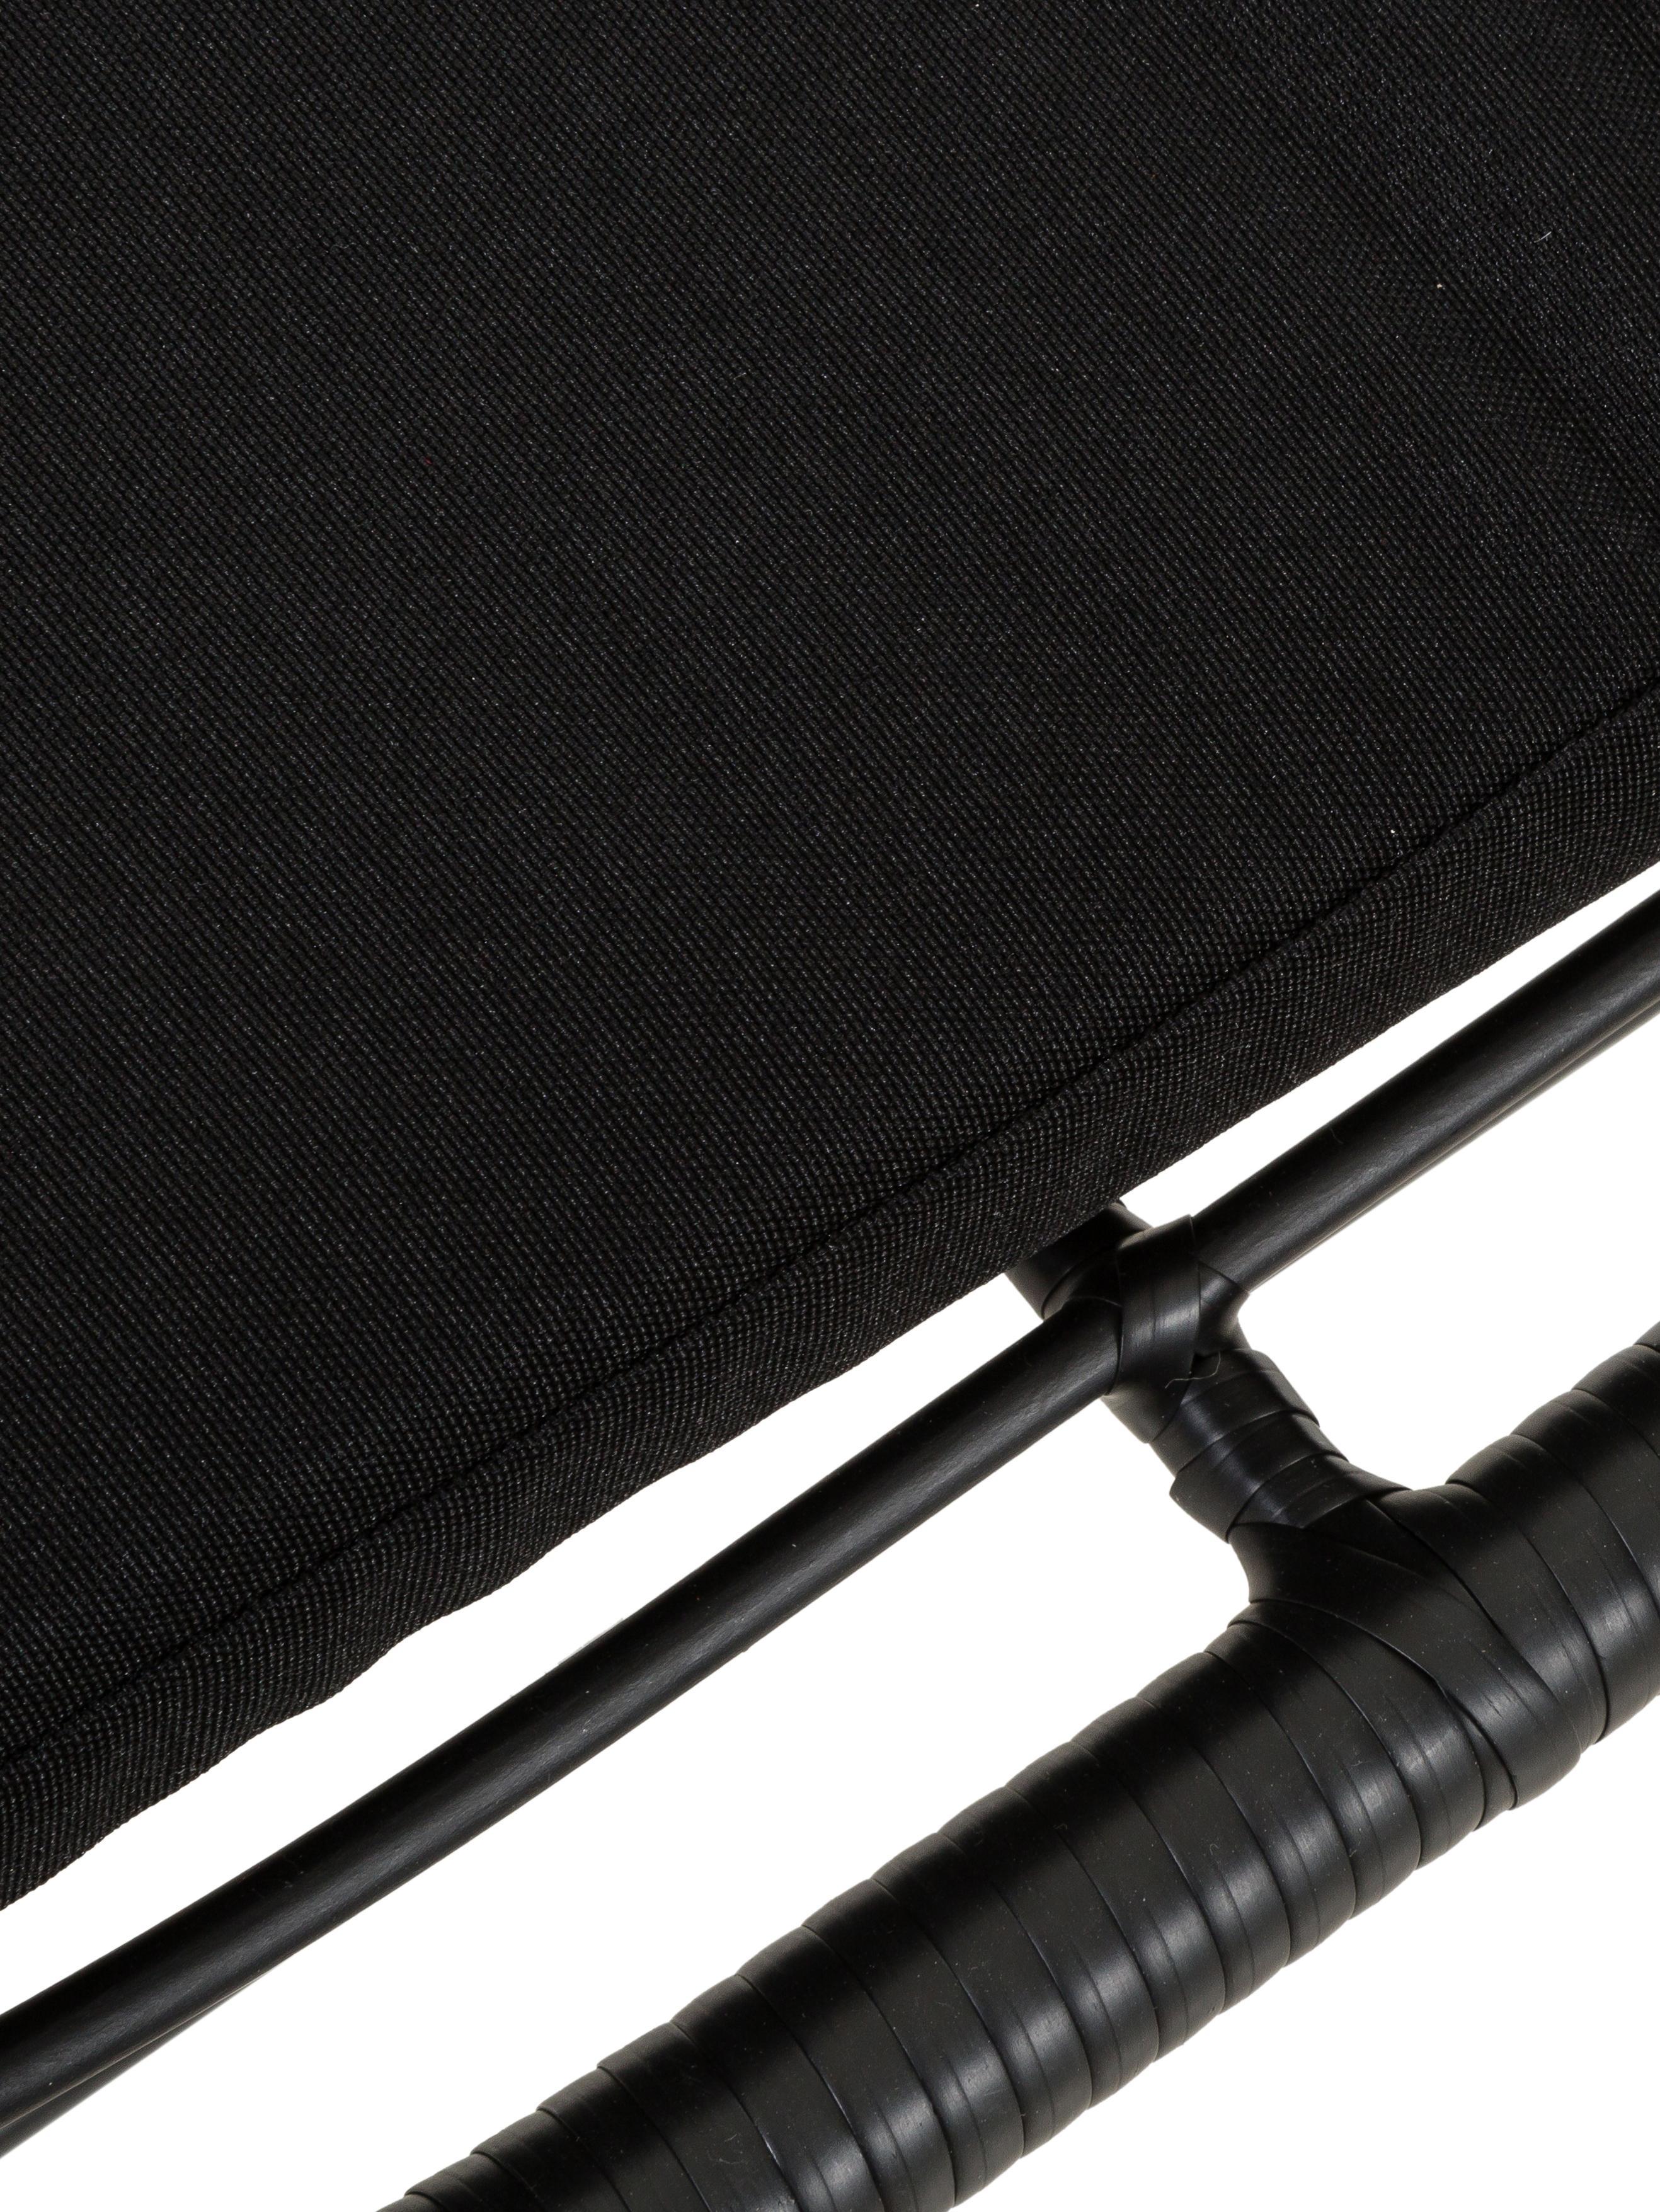 Poltrona da giardino intrecciata Sola, Seduta: polietilene-intreccio, Struttura: metallo, verniciato a pol, Nero, Larg. 90 x Prof. 89 cm